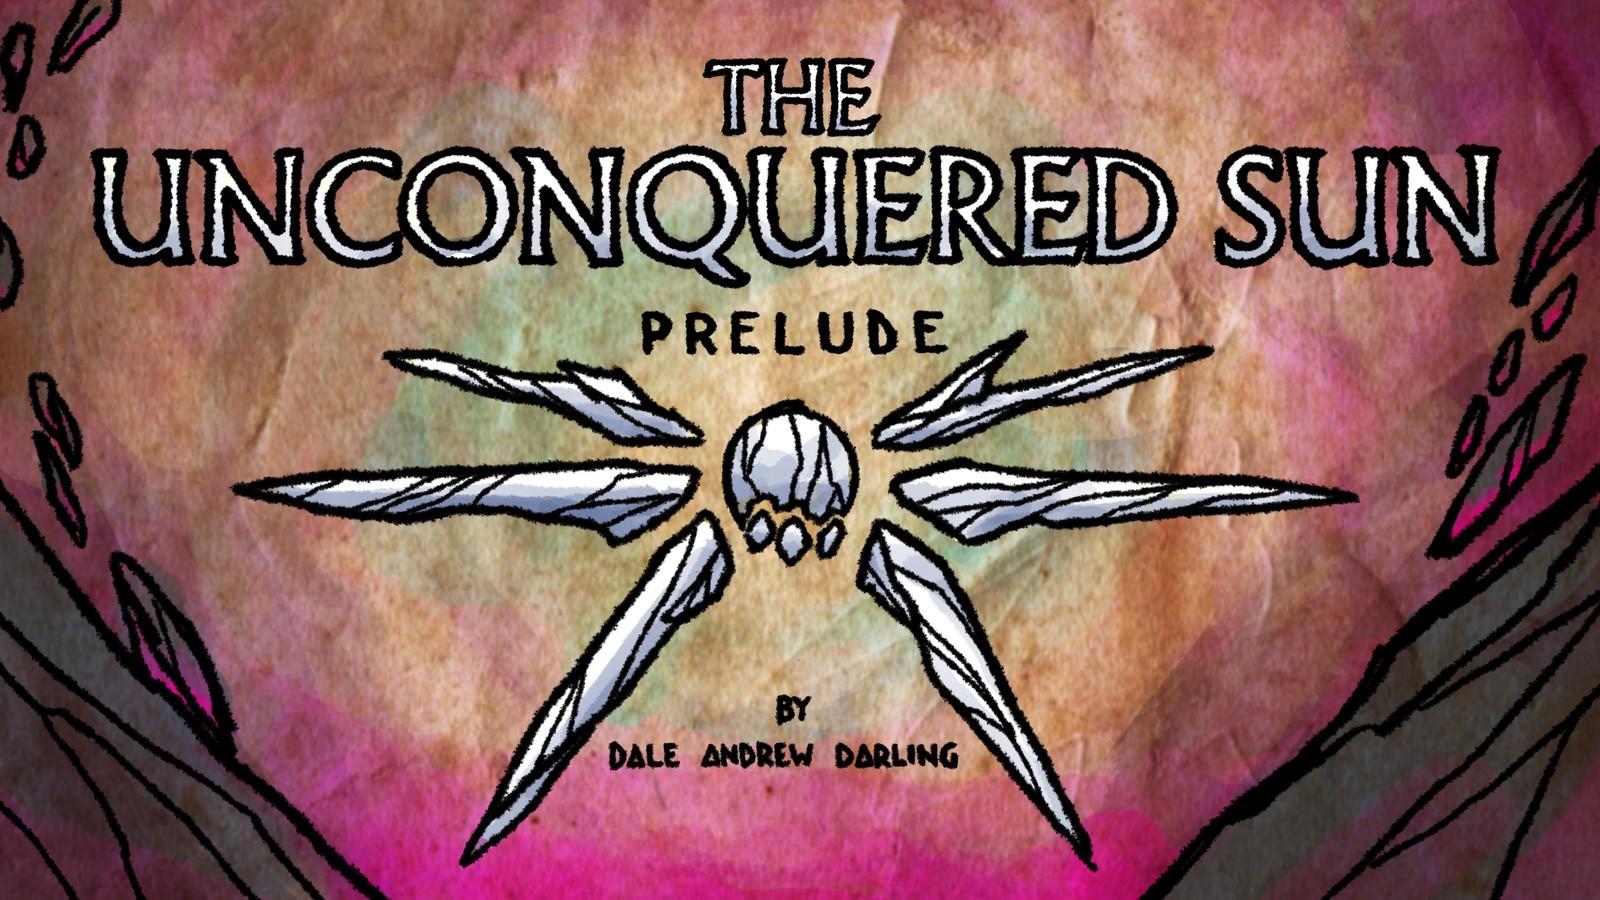 The Unconquered Sun Prelude